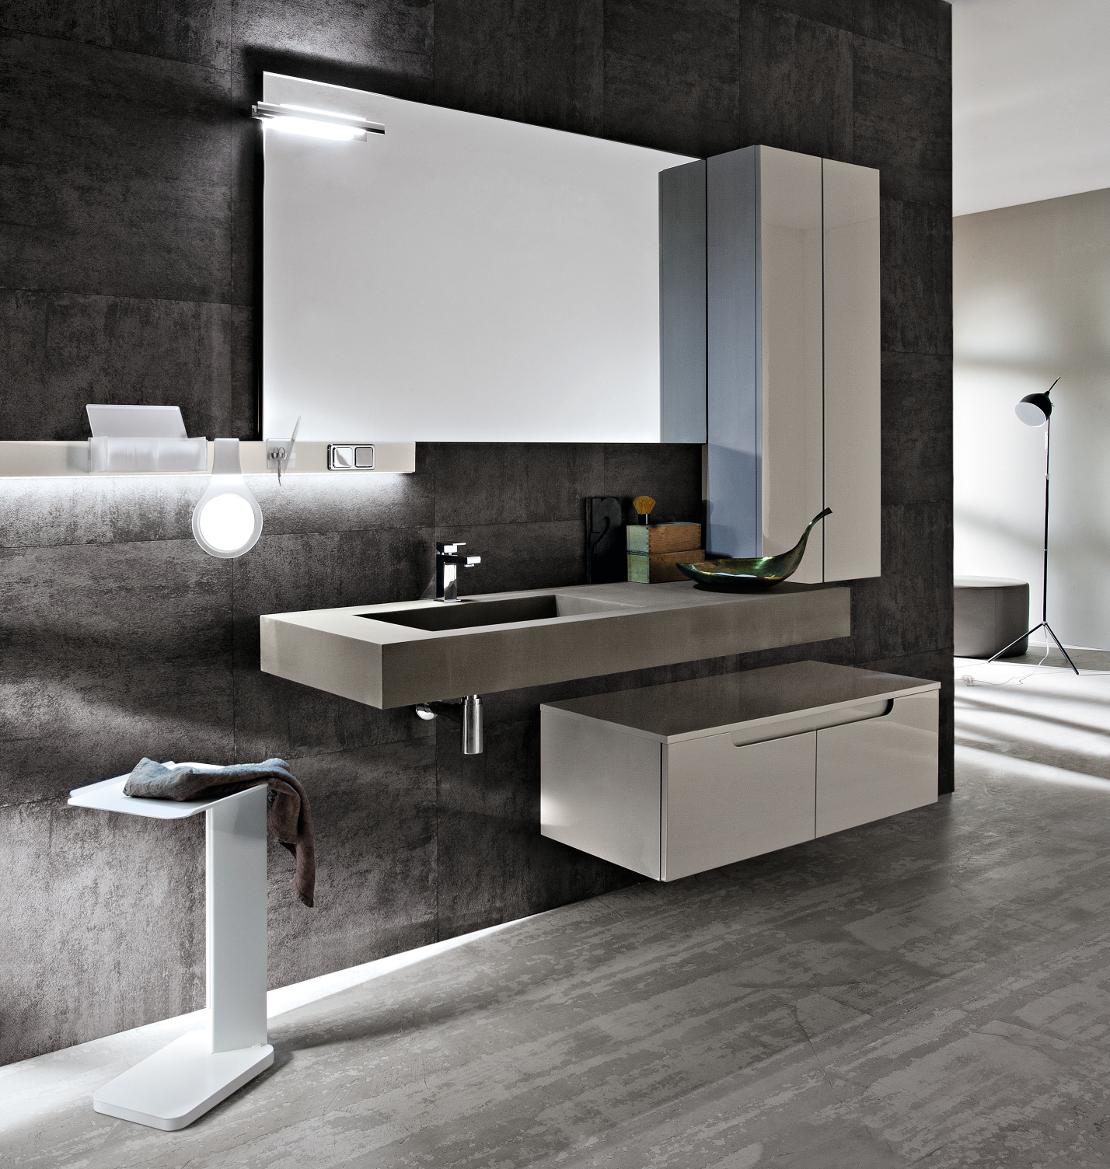 Mobili arredo bagno e lavanderia - Bagno design moderno ...